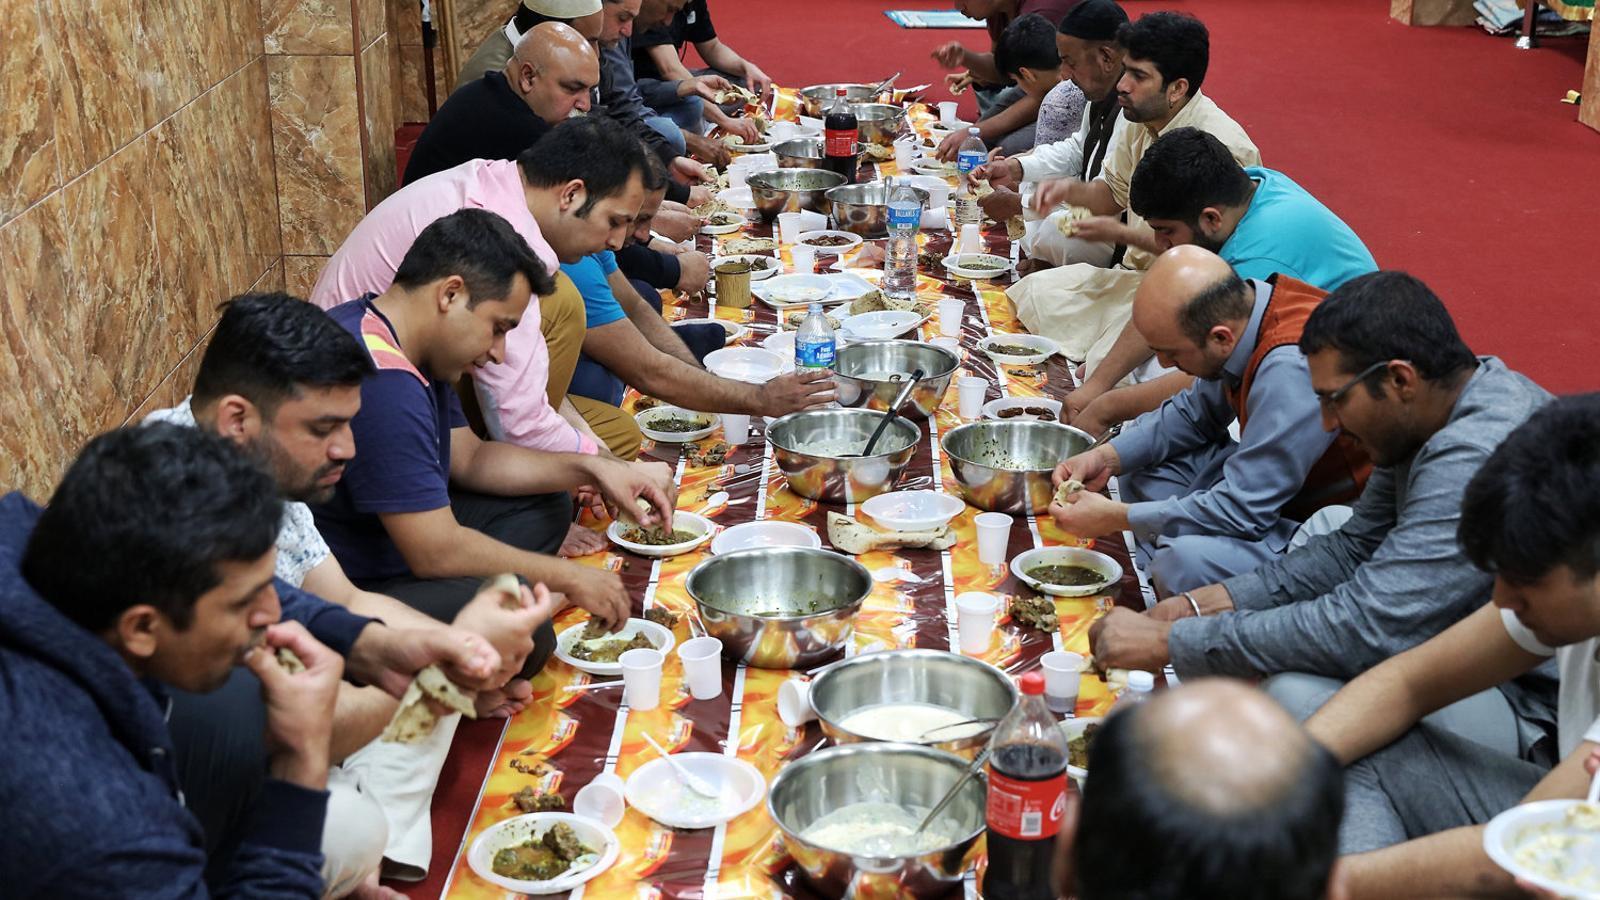 Membres de la comunitat musulmana celebrant ahir a Barcelona l'inici del Ramadà.